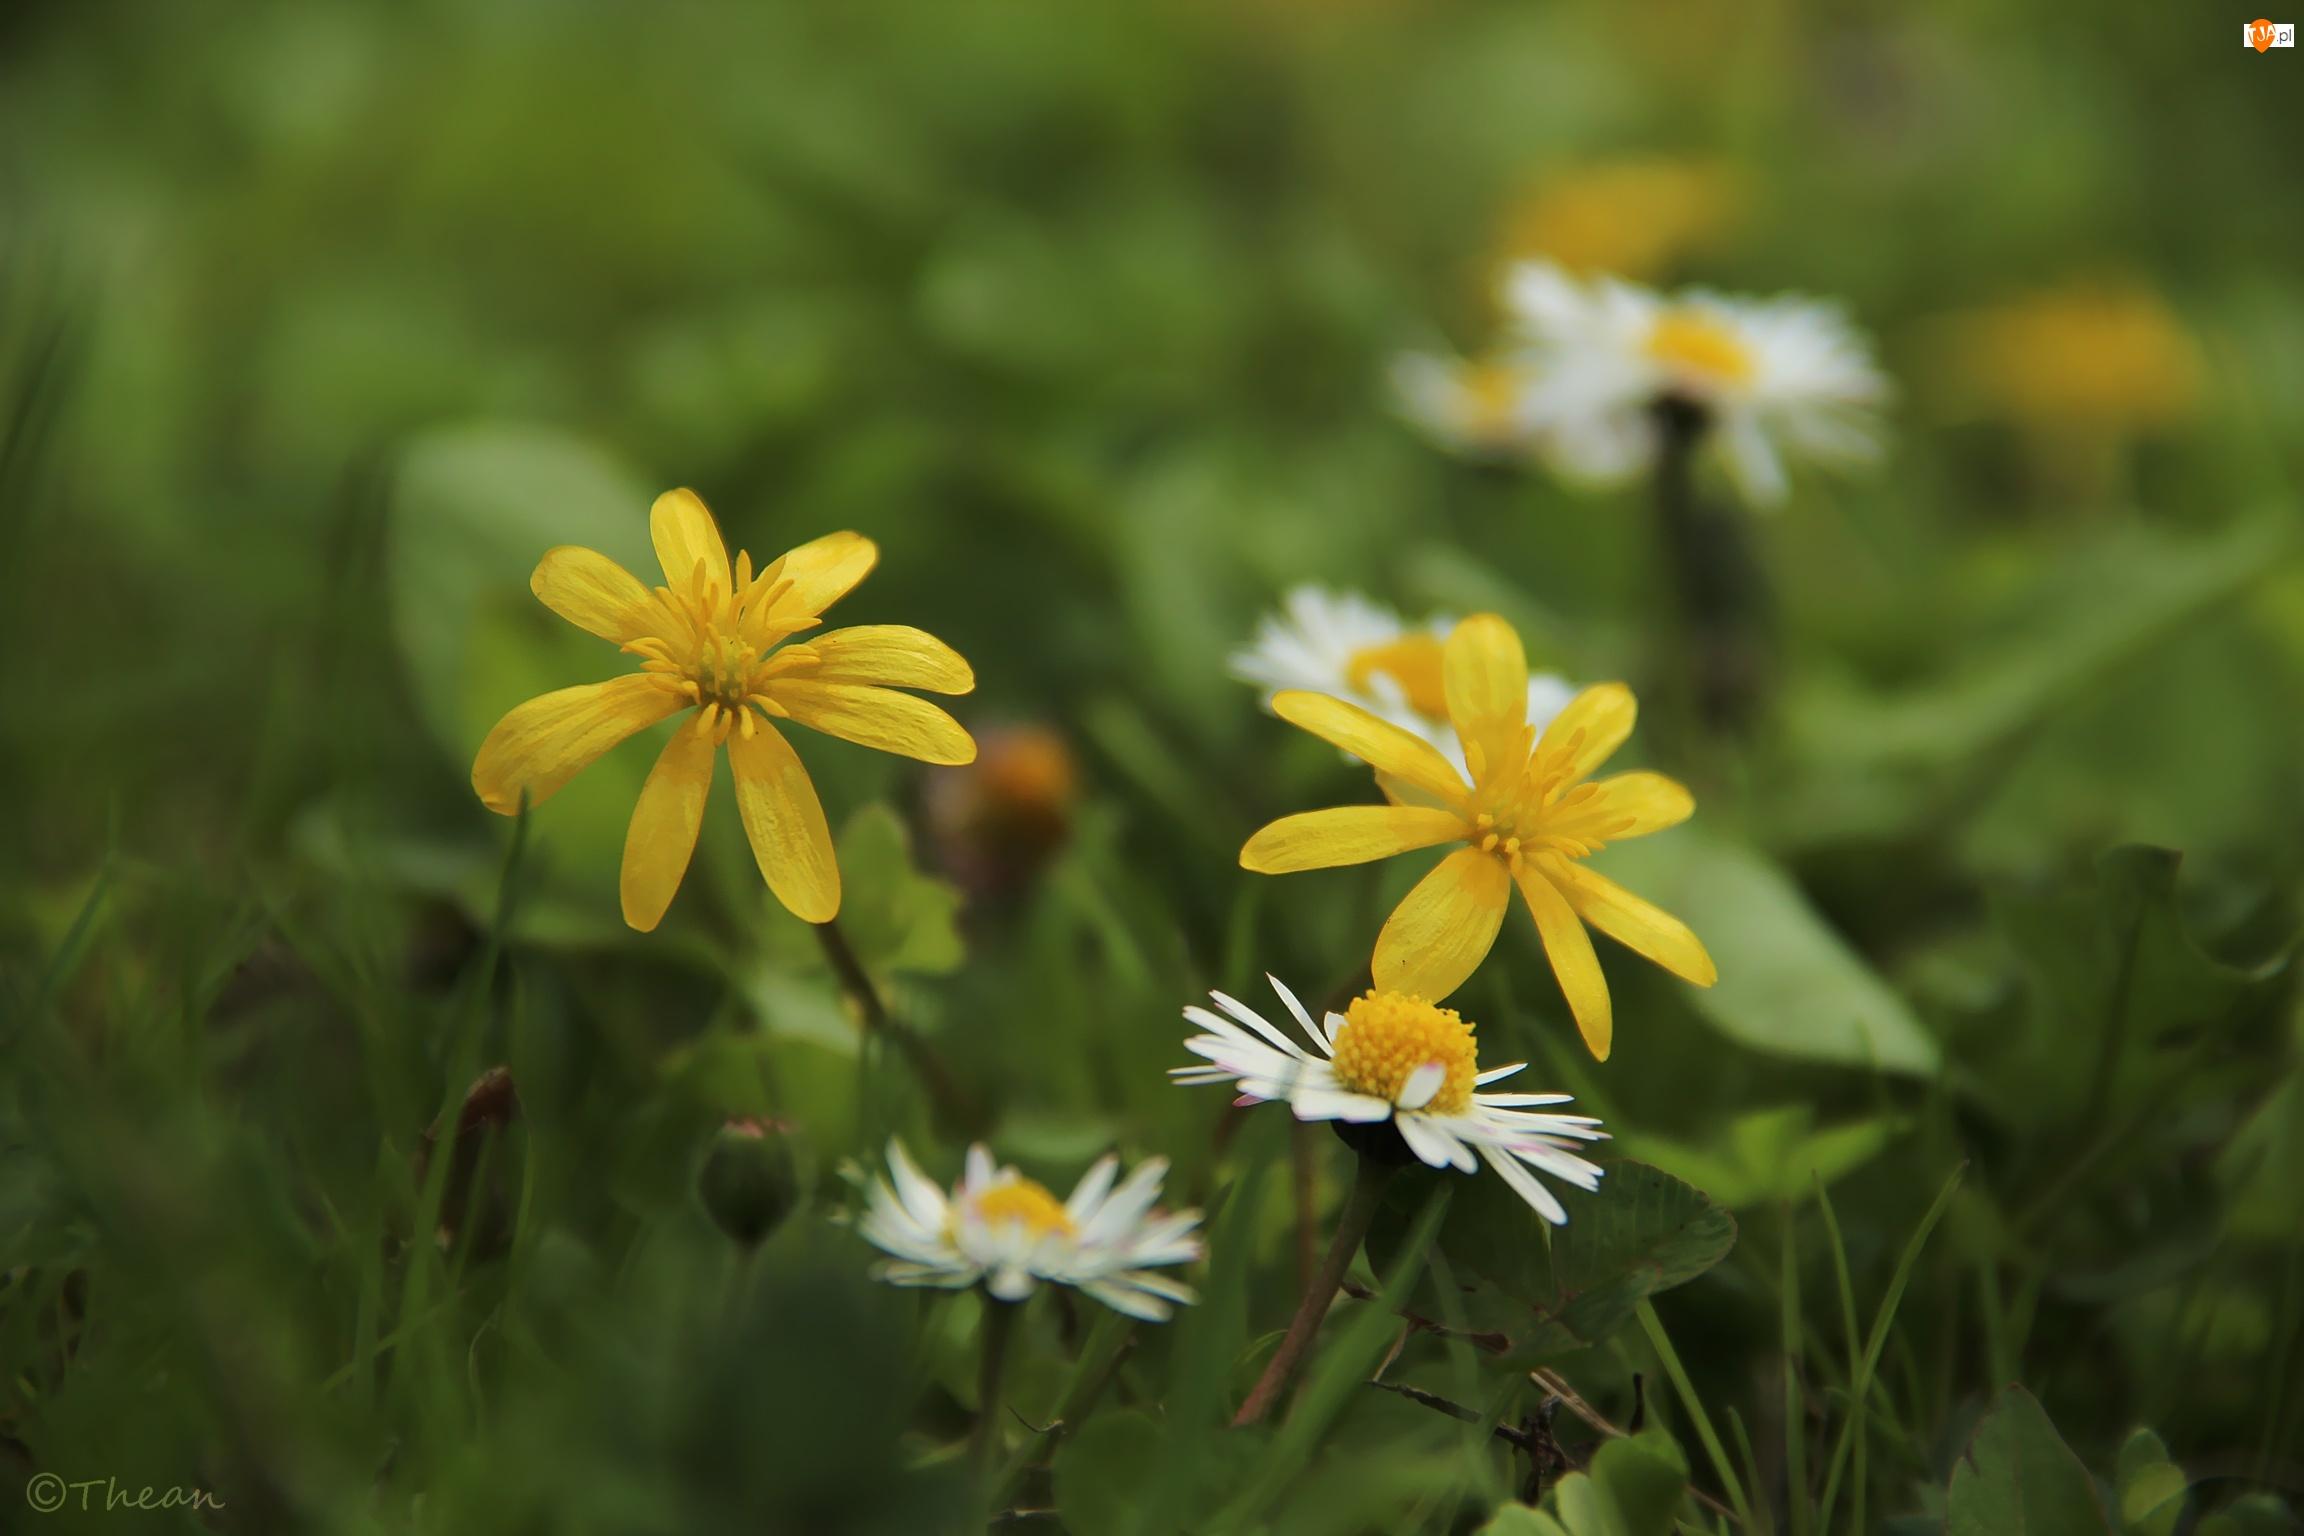 Kwiaty, Ziarnopłon Wiosenny, Stokrotki